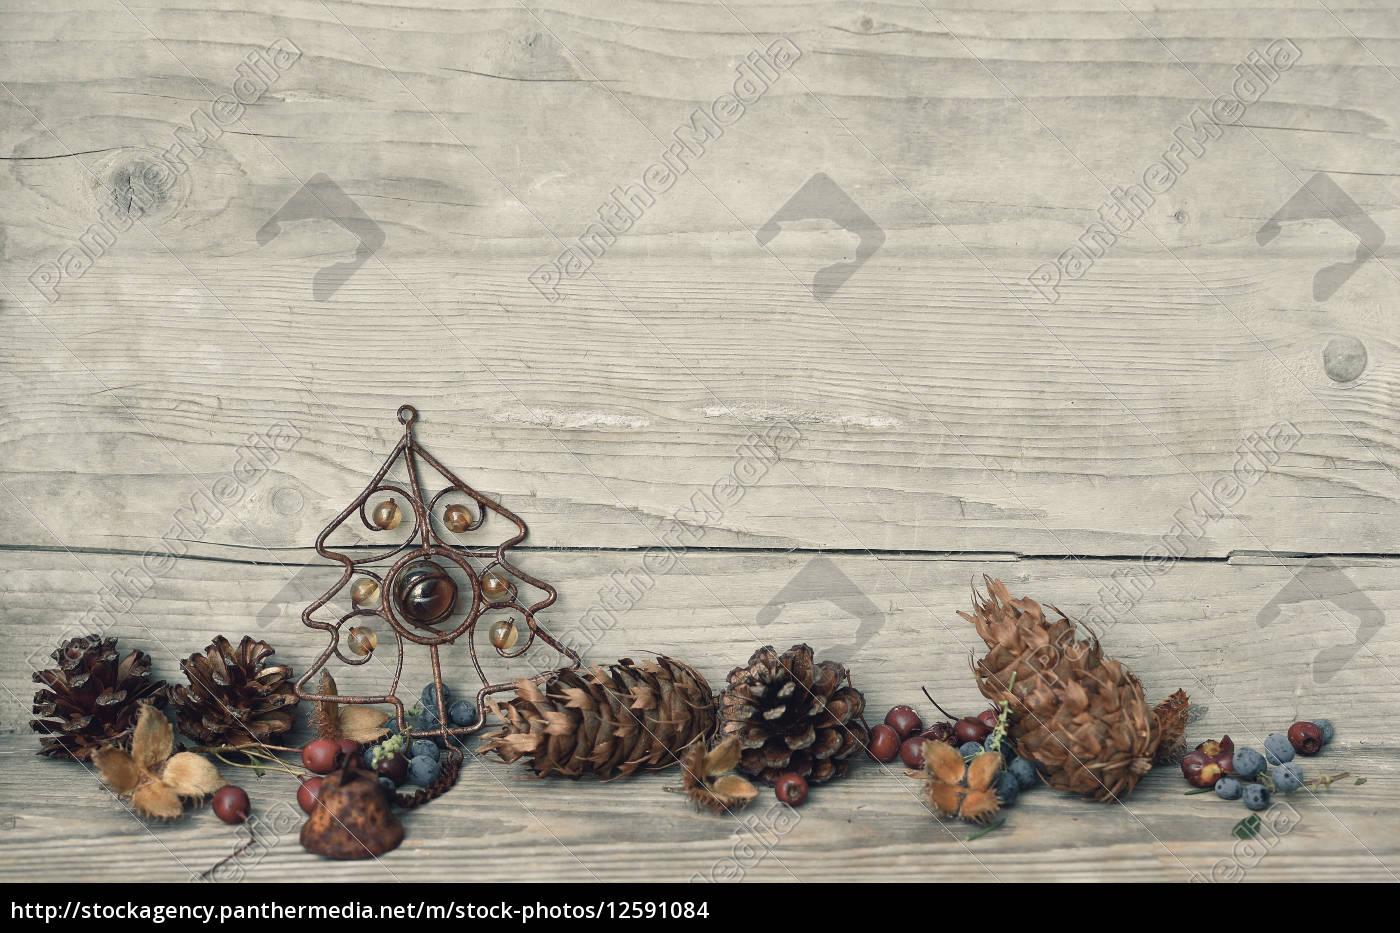 weihnachten holz hintergrund stern lizenzfreies foto 12591084 bildagentur panthermedia. Black Bedroom Furniture Sets. Home Design Ideas